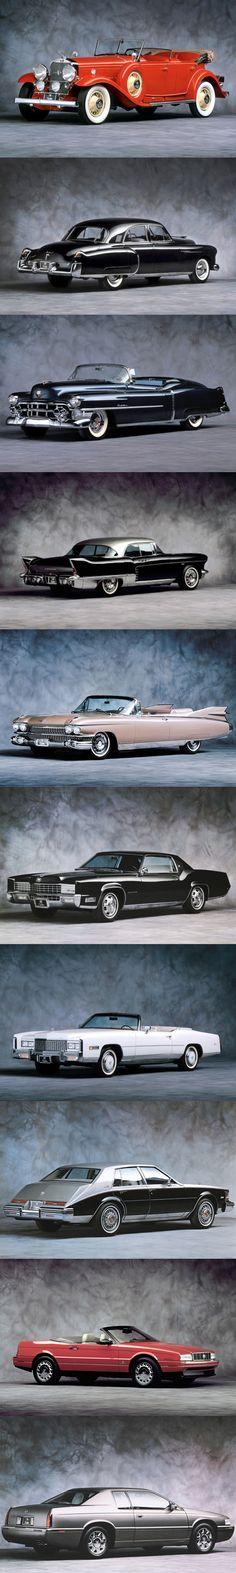 Cadillac 1930 V-16 / 1949 60 Special / 1953 Eldorado / 1957 Eldorado Brougham / 1959 Eldorado Biarritz / 1967 Eldorado / 1971 Eldorado / 1980 Seville / 1987 Allanté / 1992 Eldorado / Harley Earl Pininfarina Bill Mitchell / USA